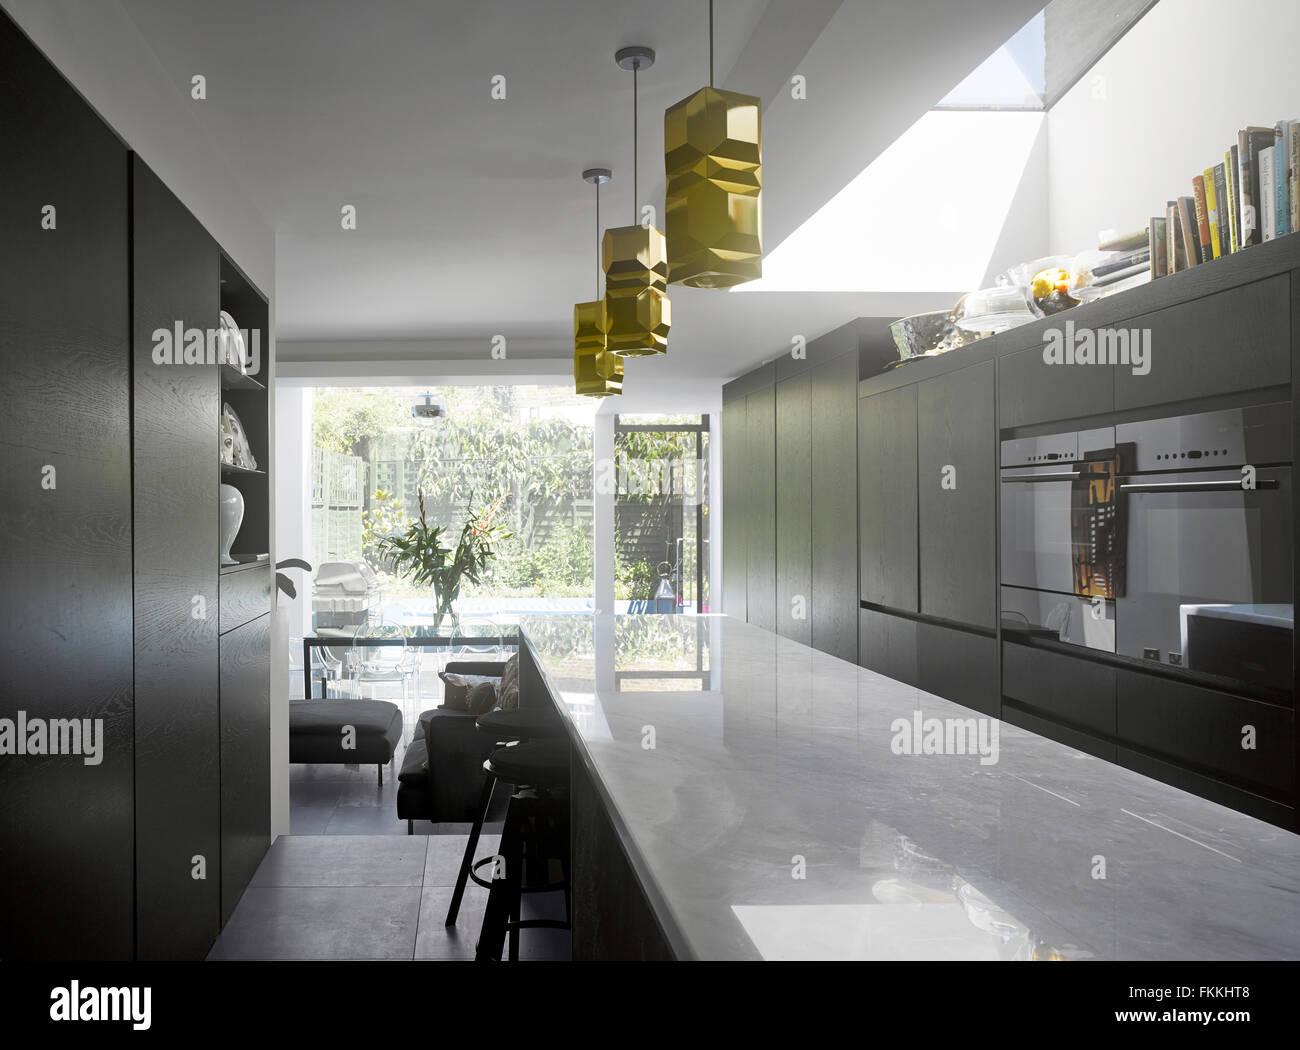 Einen Überblick über eine offene Küche in einem modernen Haus, ein ...